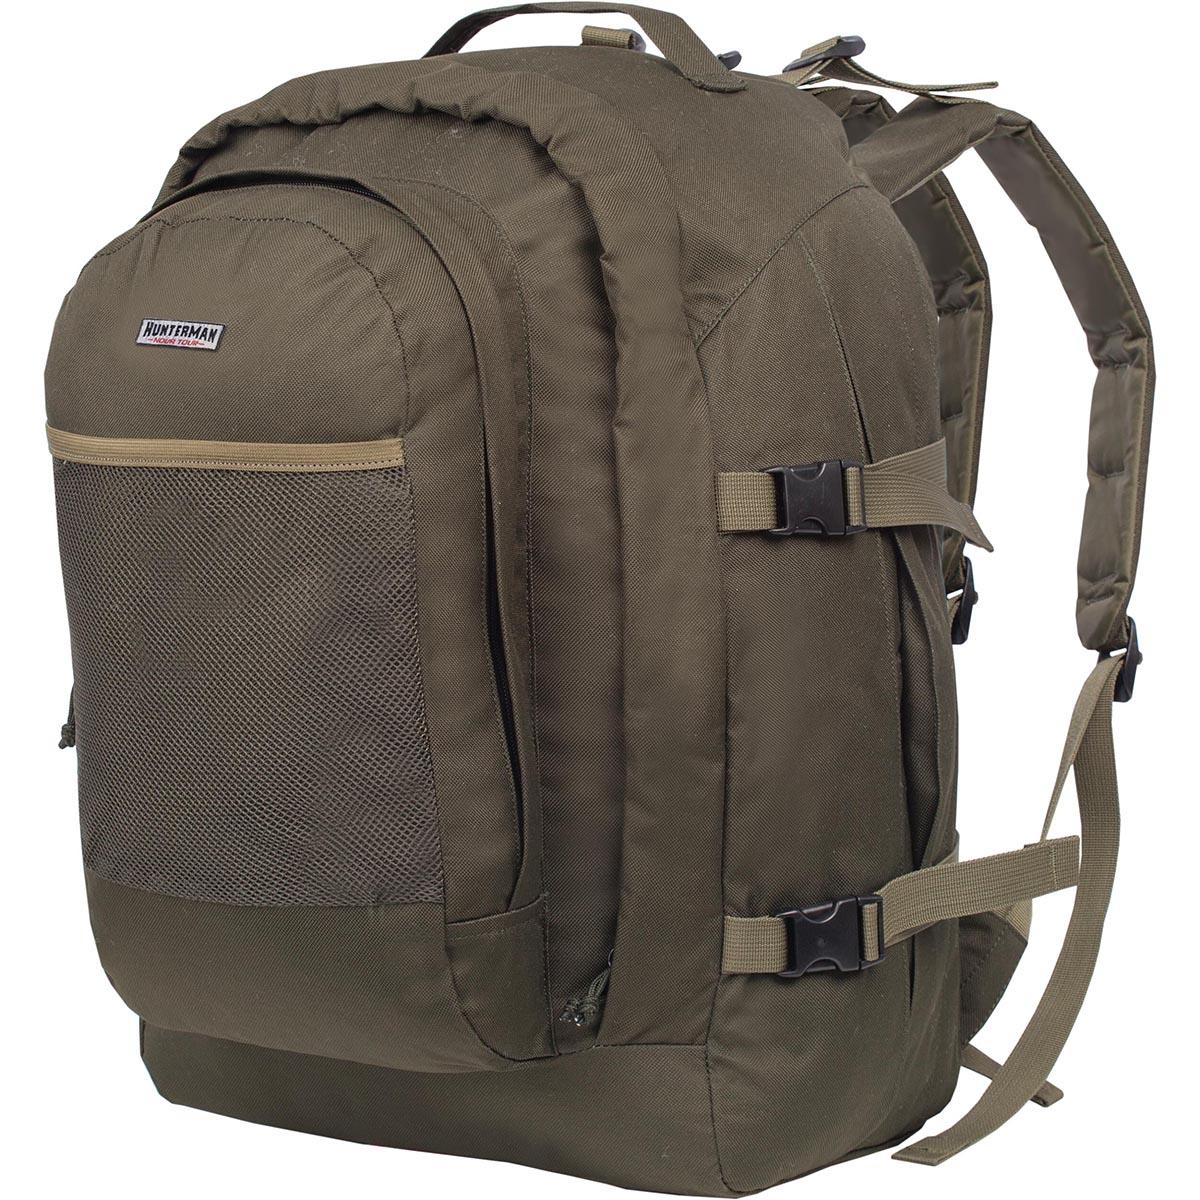 Рюкзак для охоты Nova Tour Бекас 55 V3, цвет: зеленый, 55 л95813-502-00Заслуженный ветеран и лидер продаж в своей серии. Простой, надежный, проверенный временем и километрами дорог. Компактность рюкзака обеспечит маневренность, а четко выверенная высота крепления плечевых лямок и отсутствие высокого верхнего клапана расширит обзор.